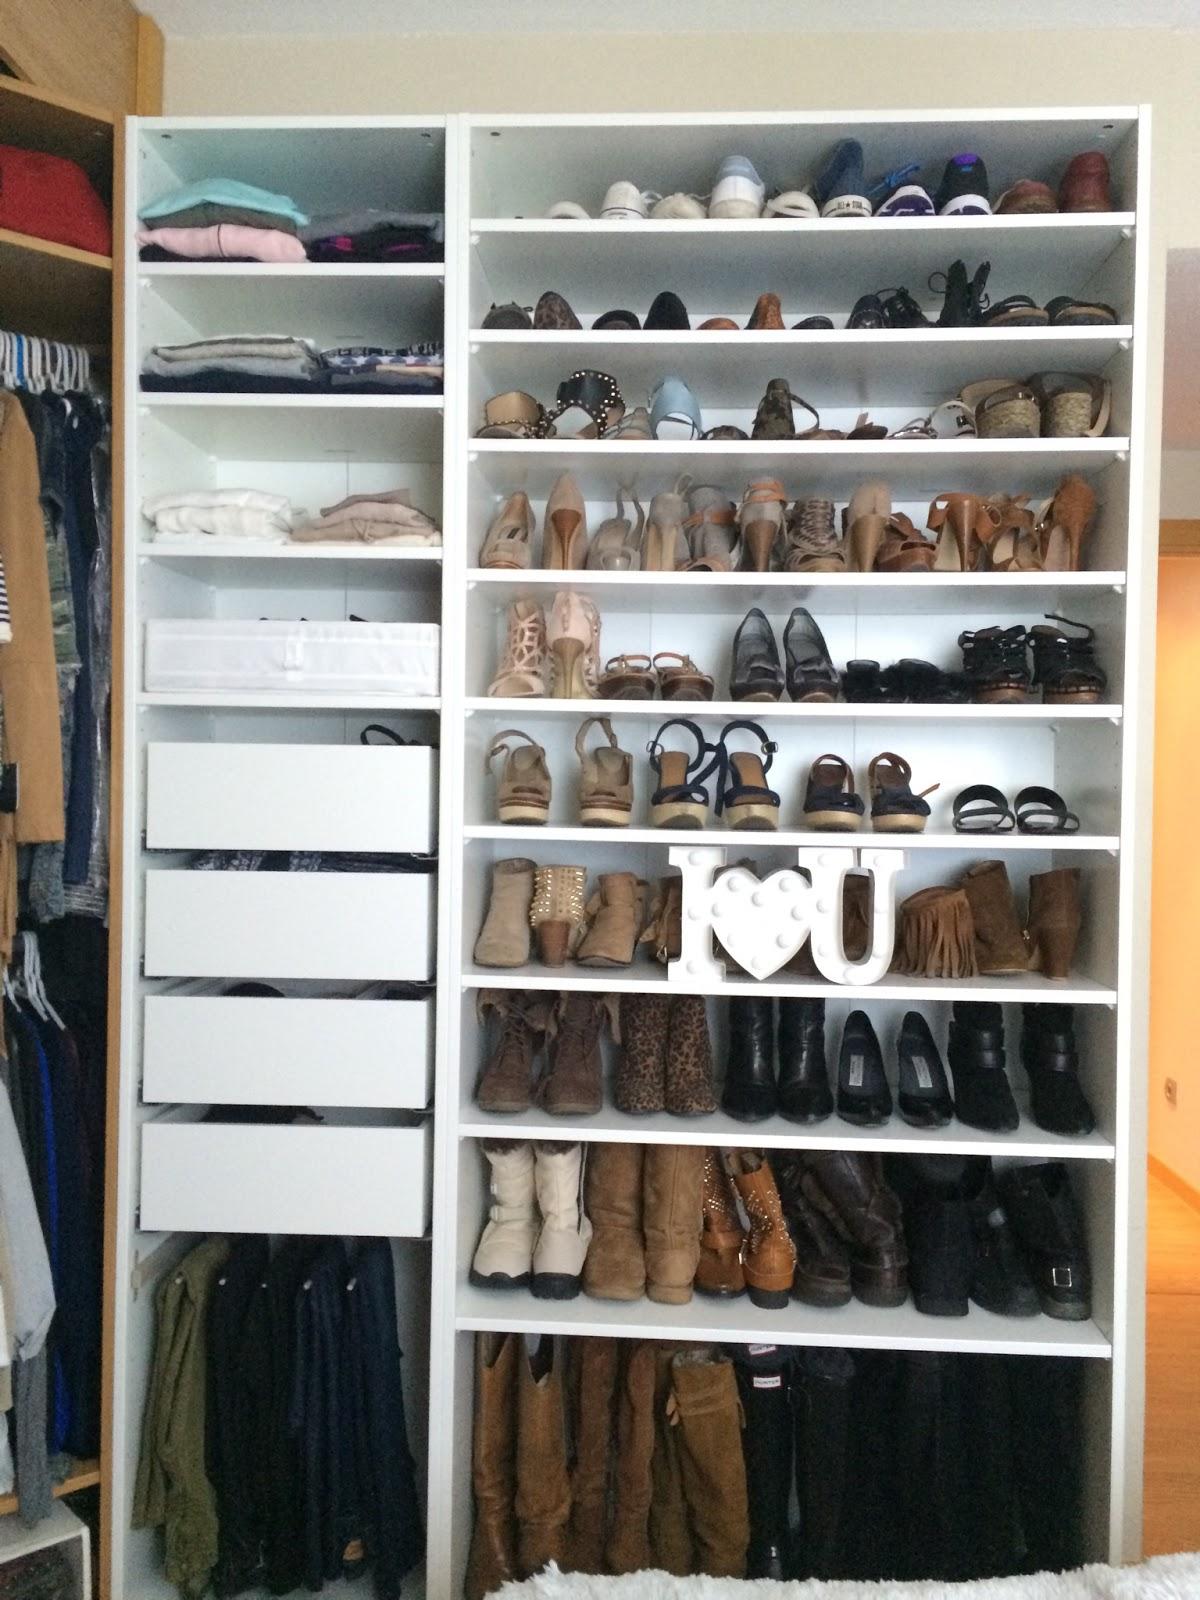 De armario a vestidor s l o a n e s t r e e t for Armario para zapatos